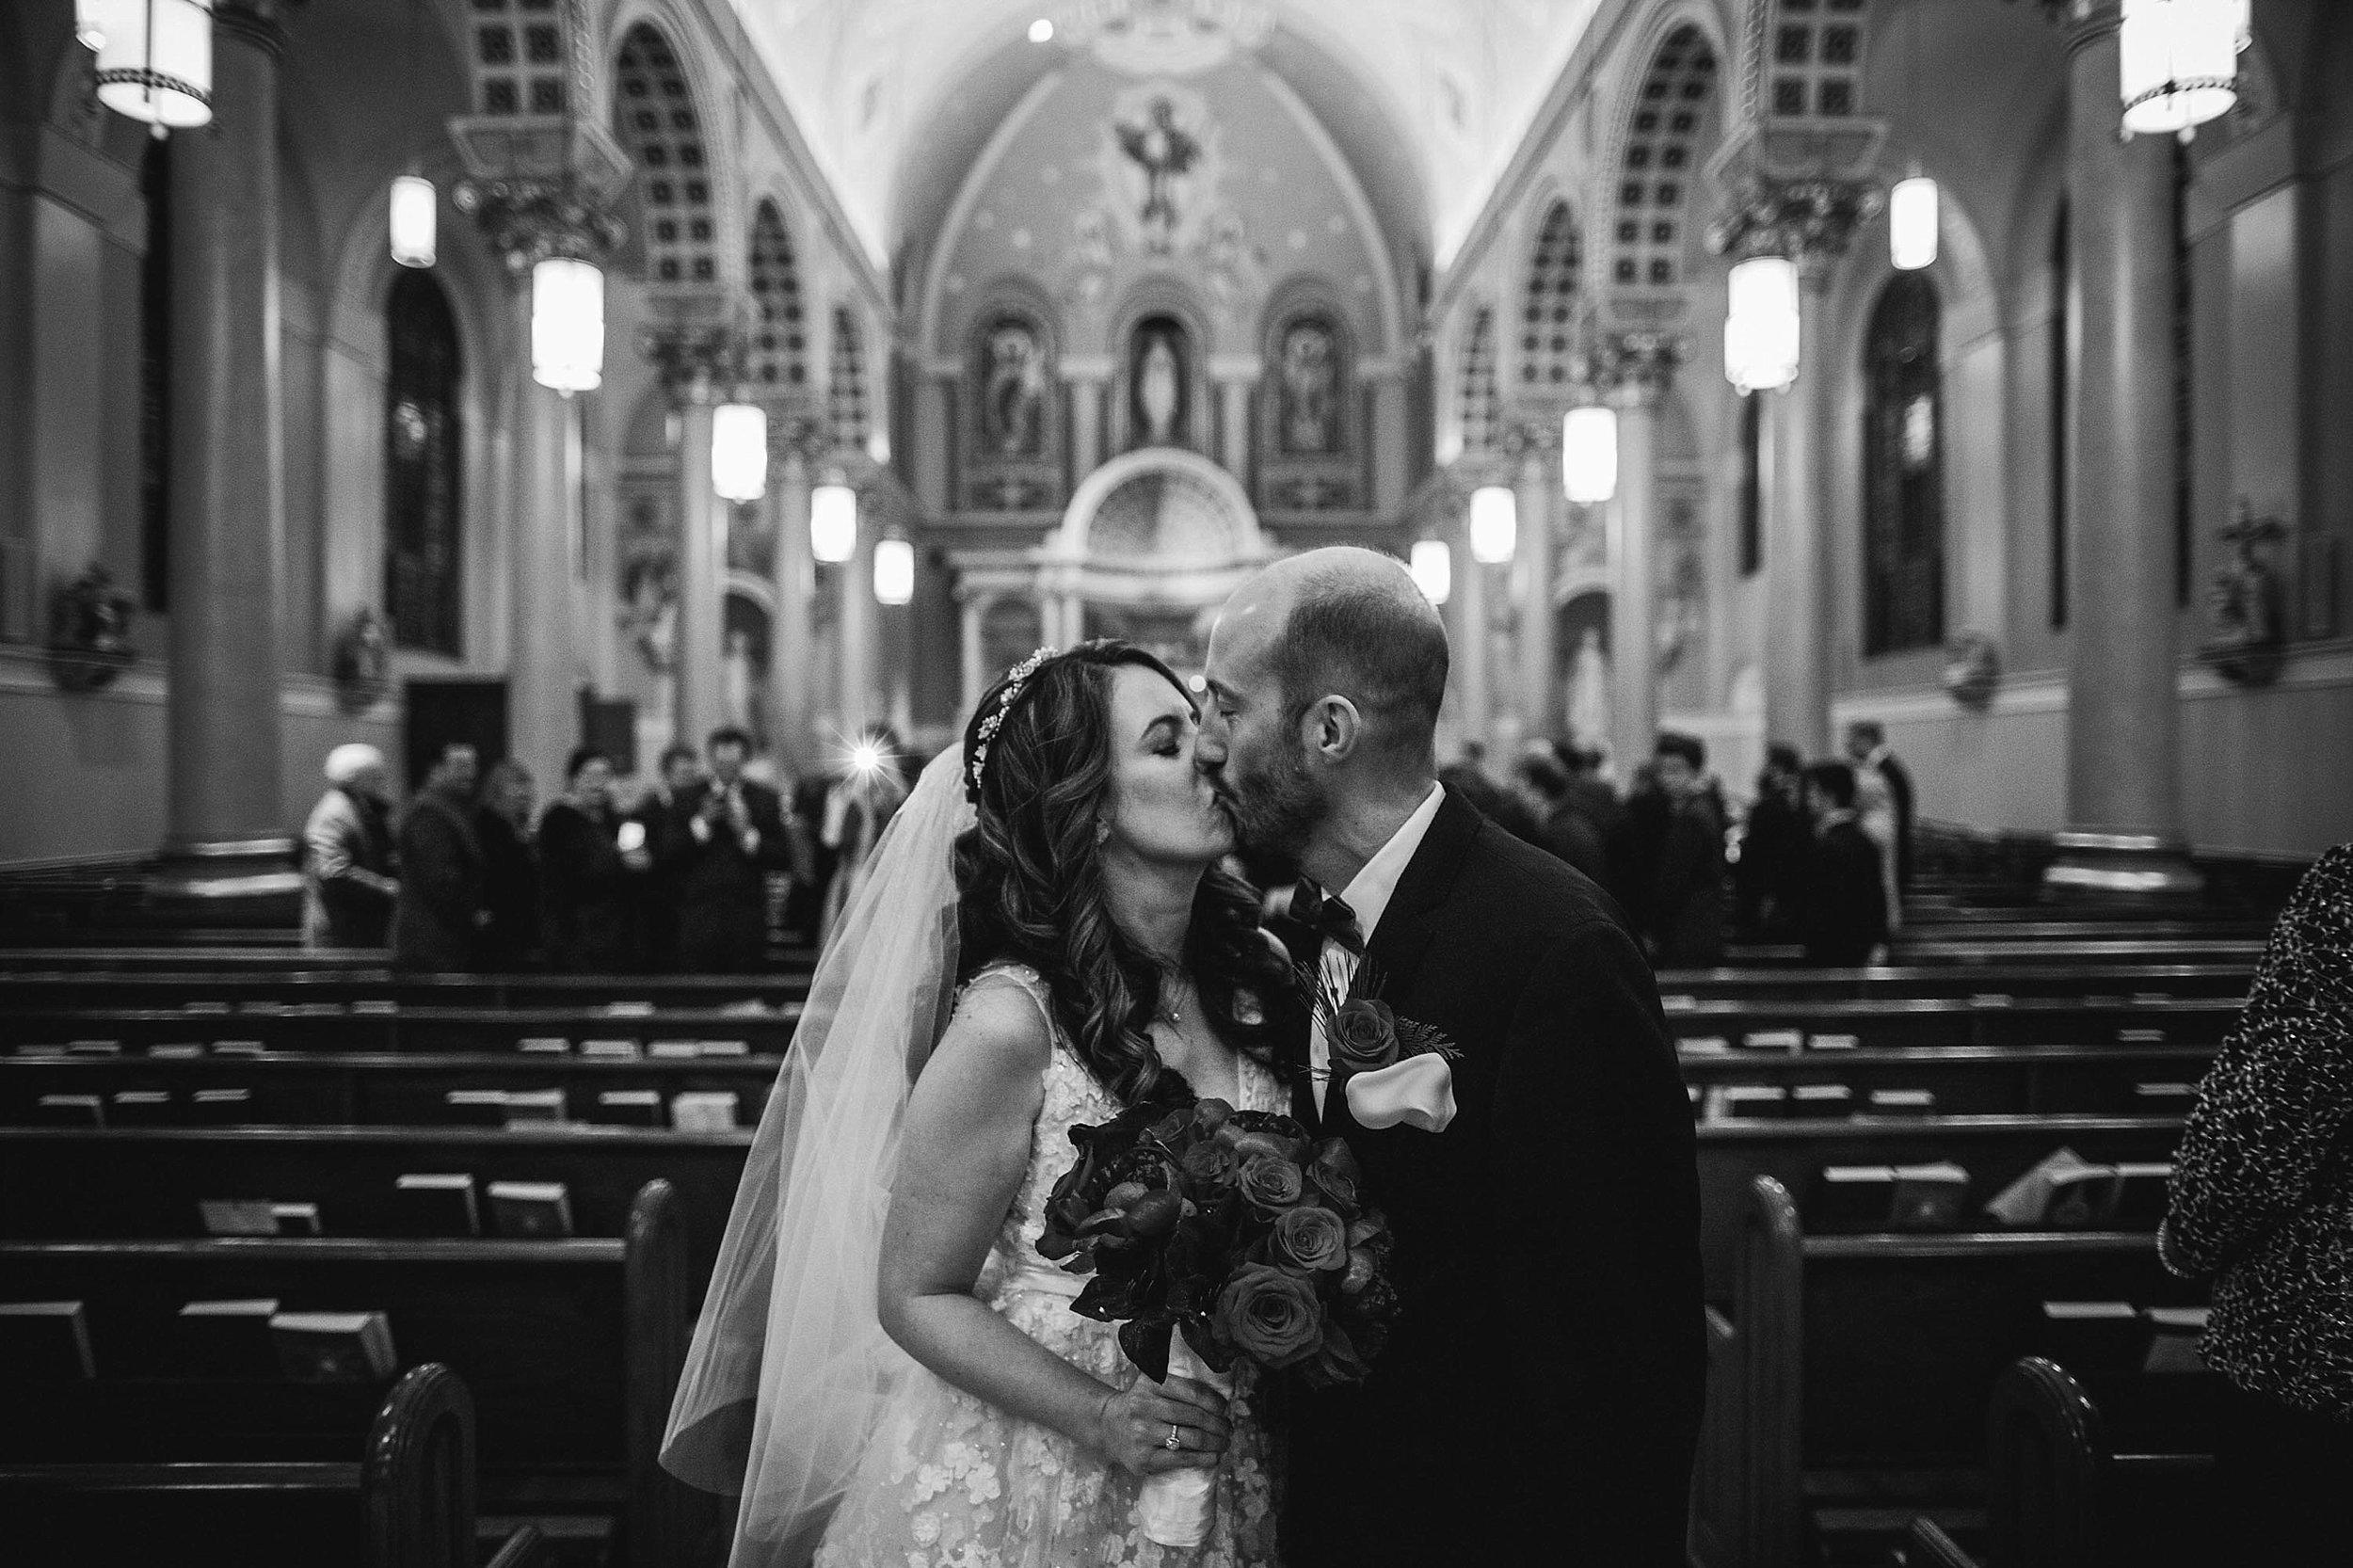 Omni-parker-wedding-39.jpg